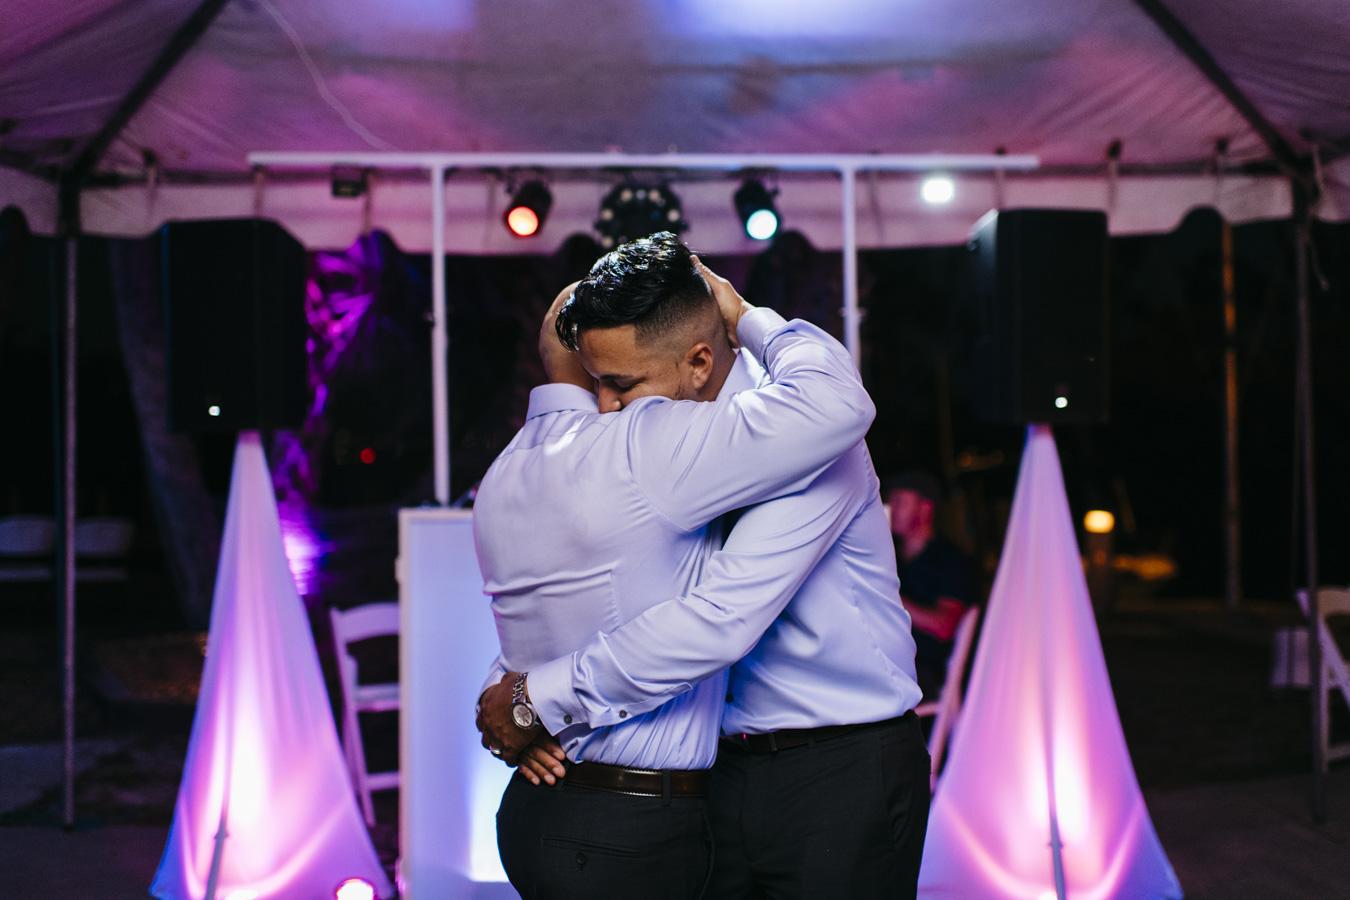 Gino_Jose_Sarasota_FL_Wedding_June_23_2018-51.jpg